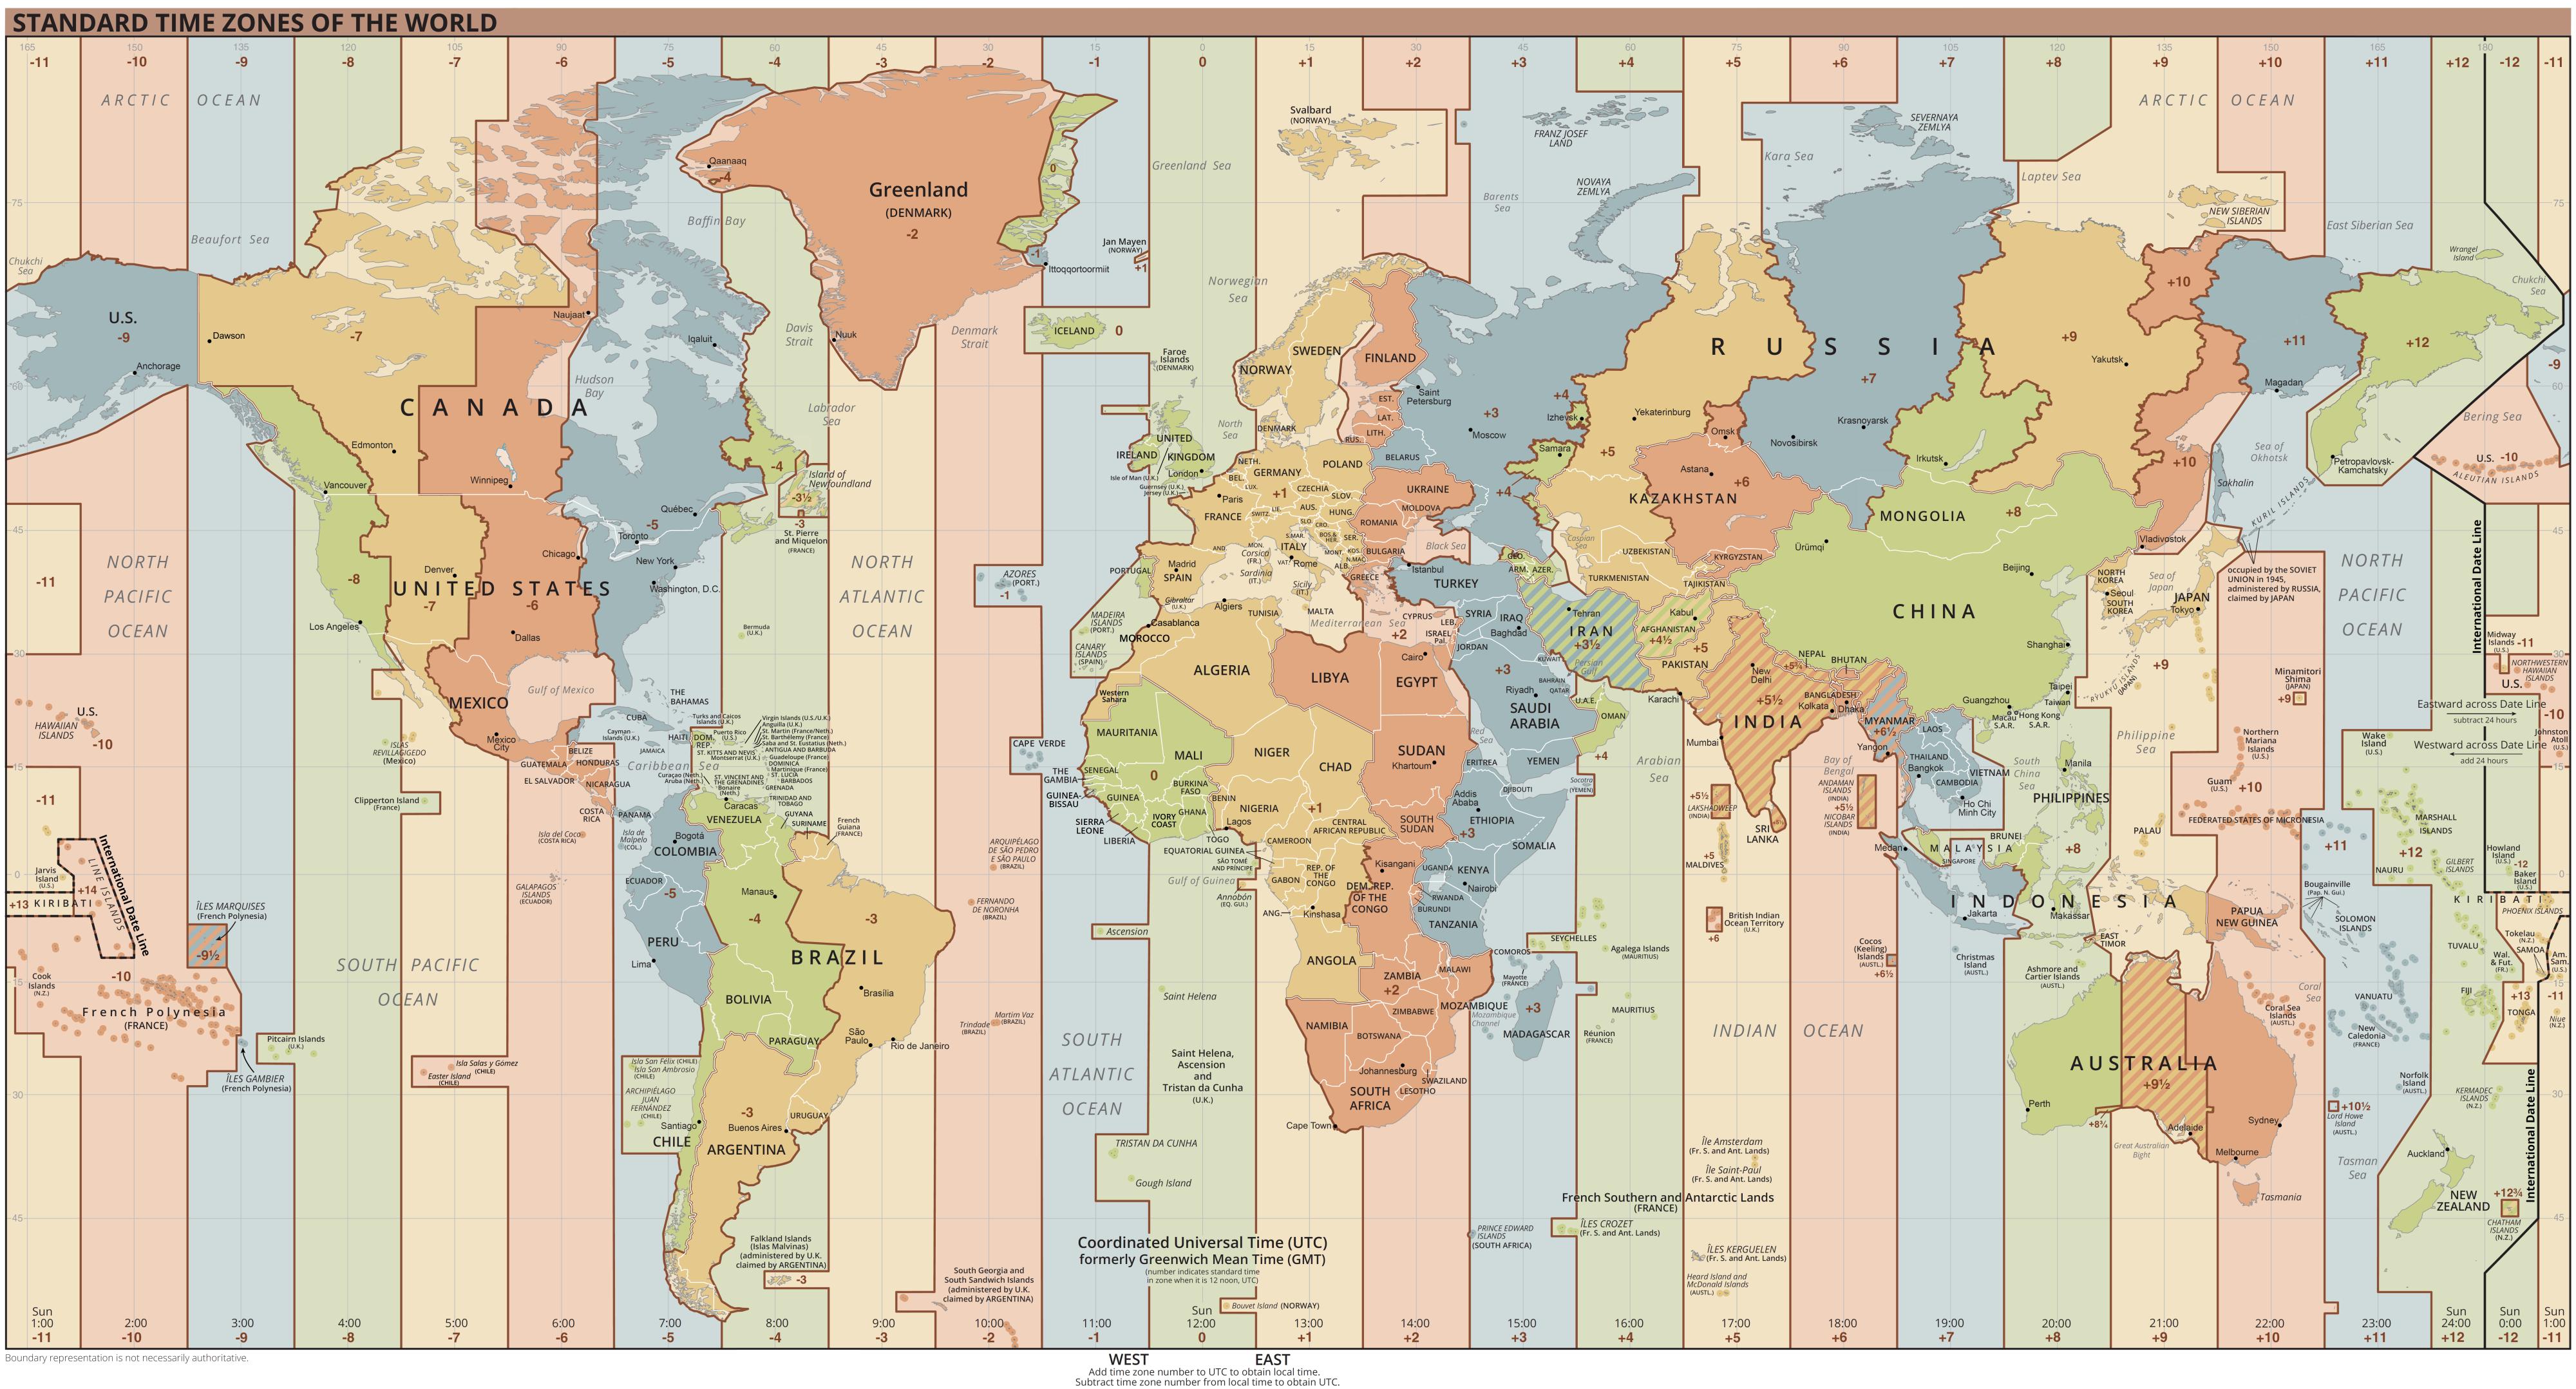 Depiction of Tiempo universal coordinado